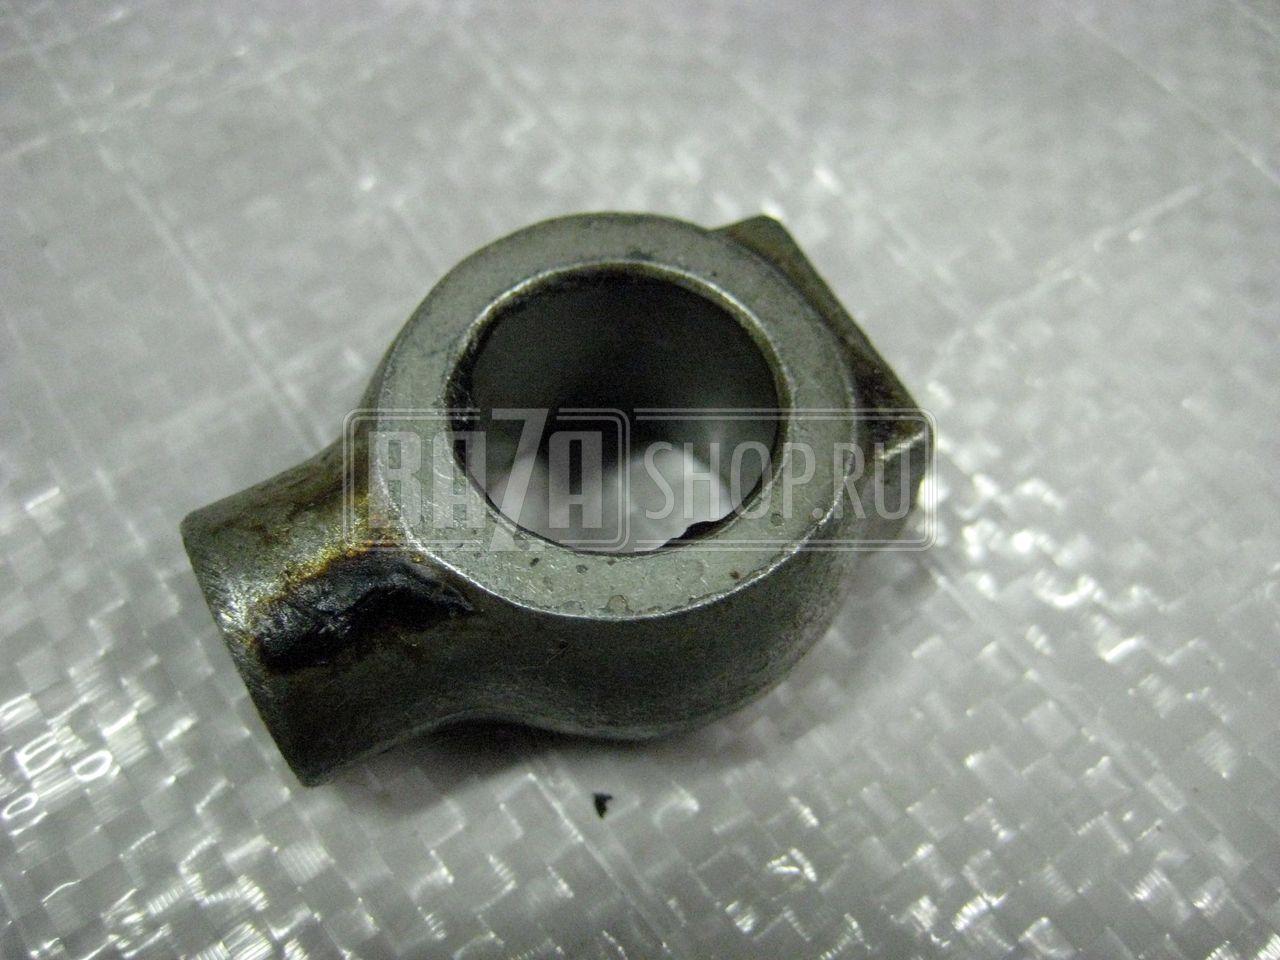 Уплотнения теплообменника КС 73 Биробиджан Уплотнения теплообменника Sondex SF229 Пушкин